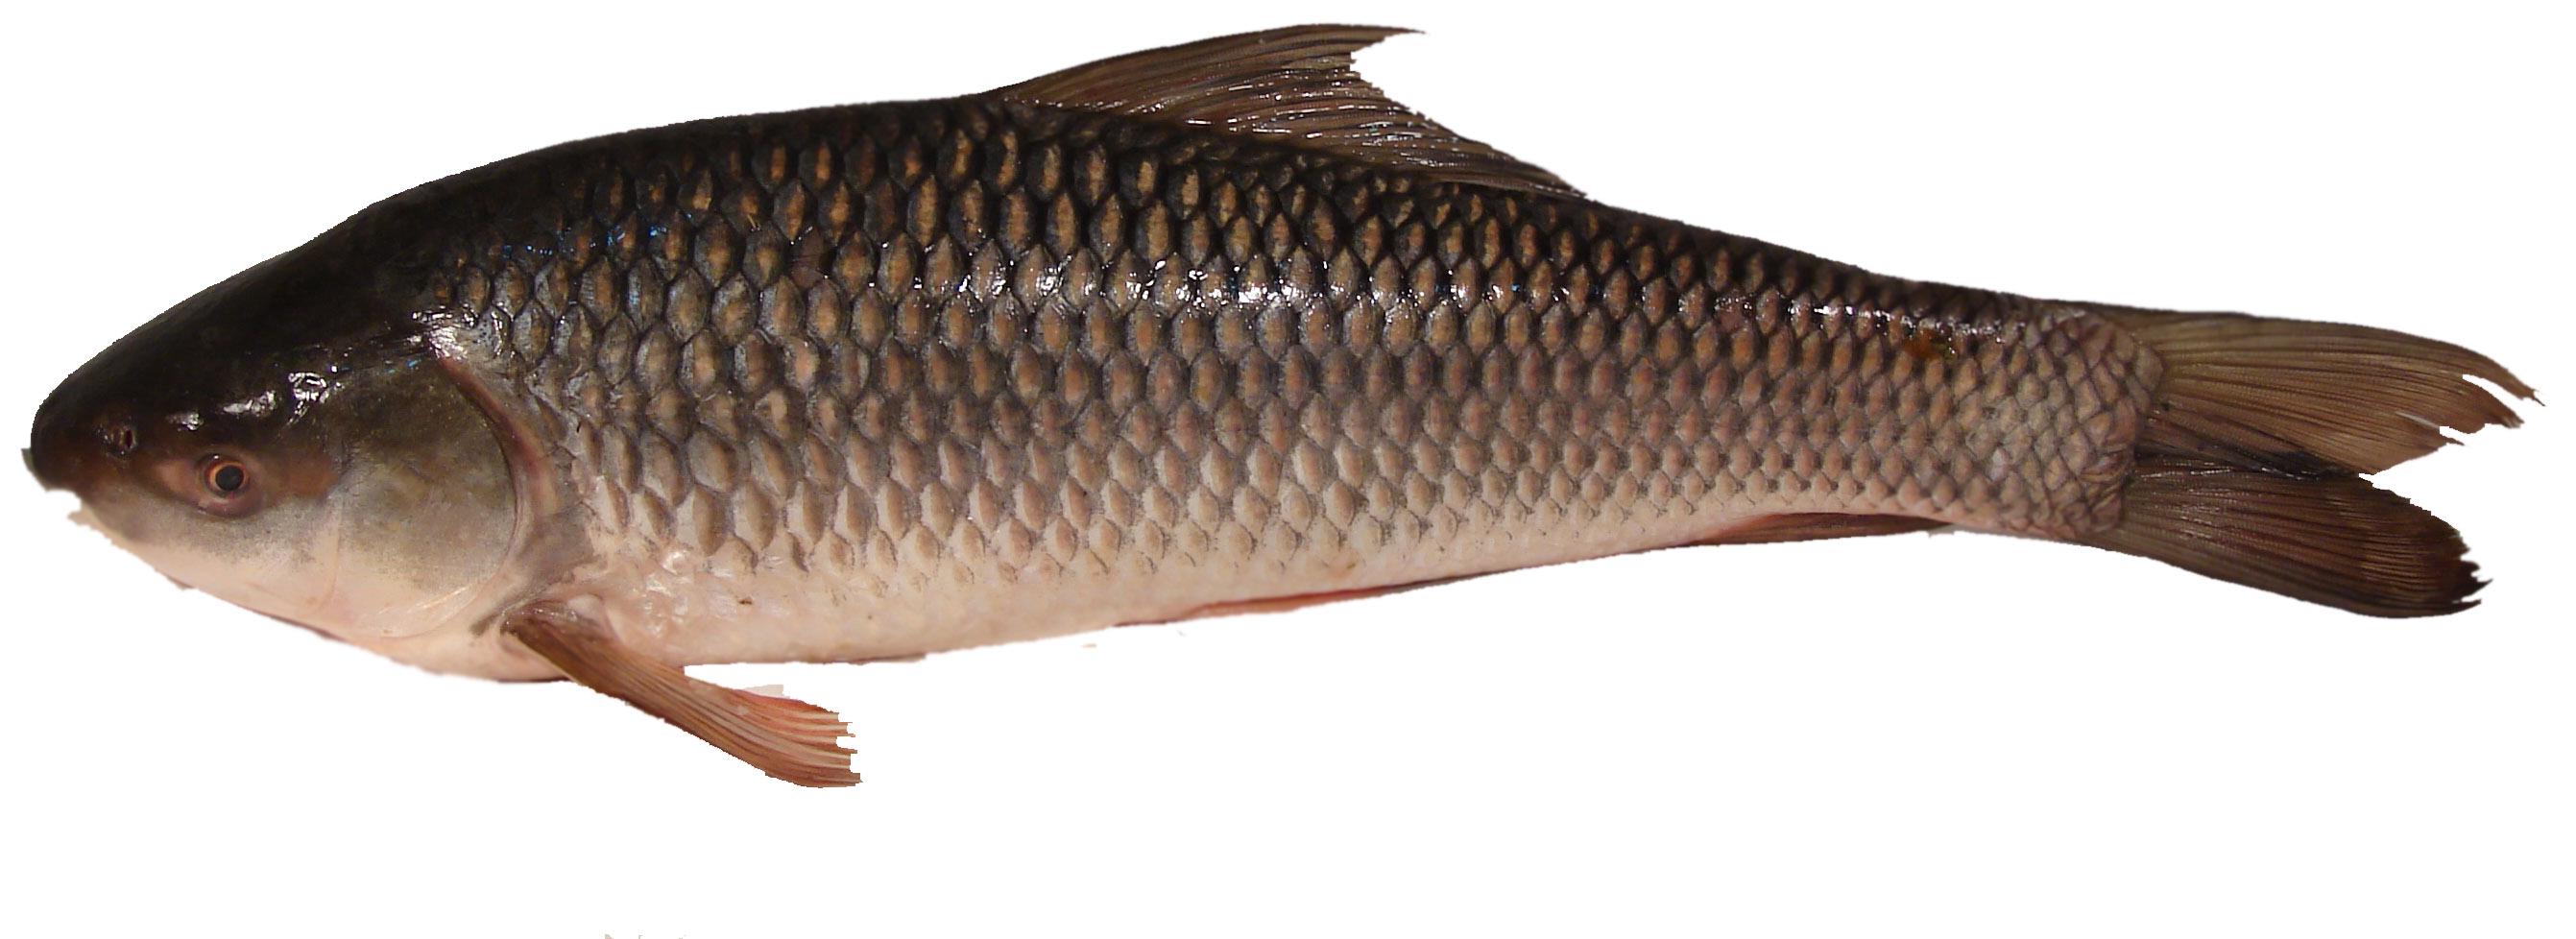 Rui-fish-1-kg